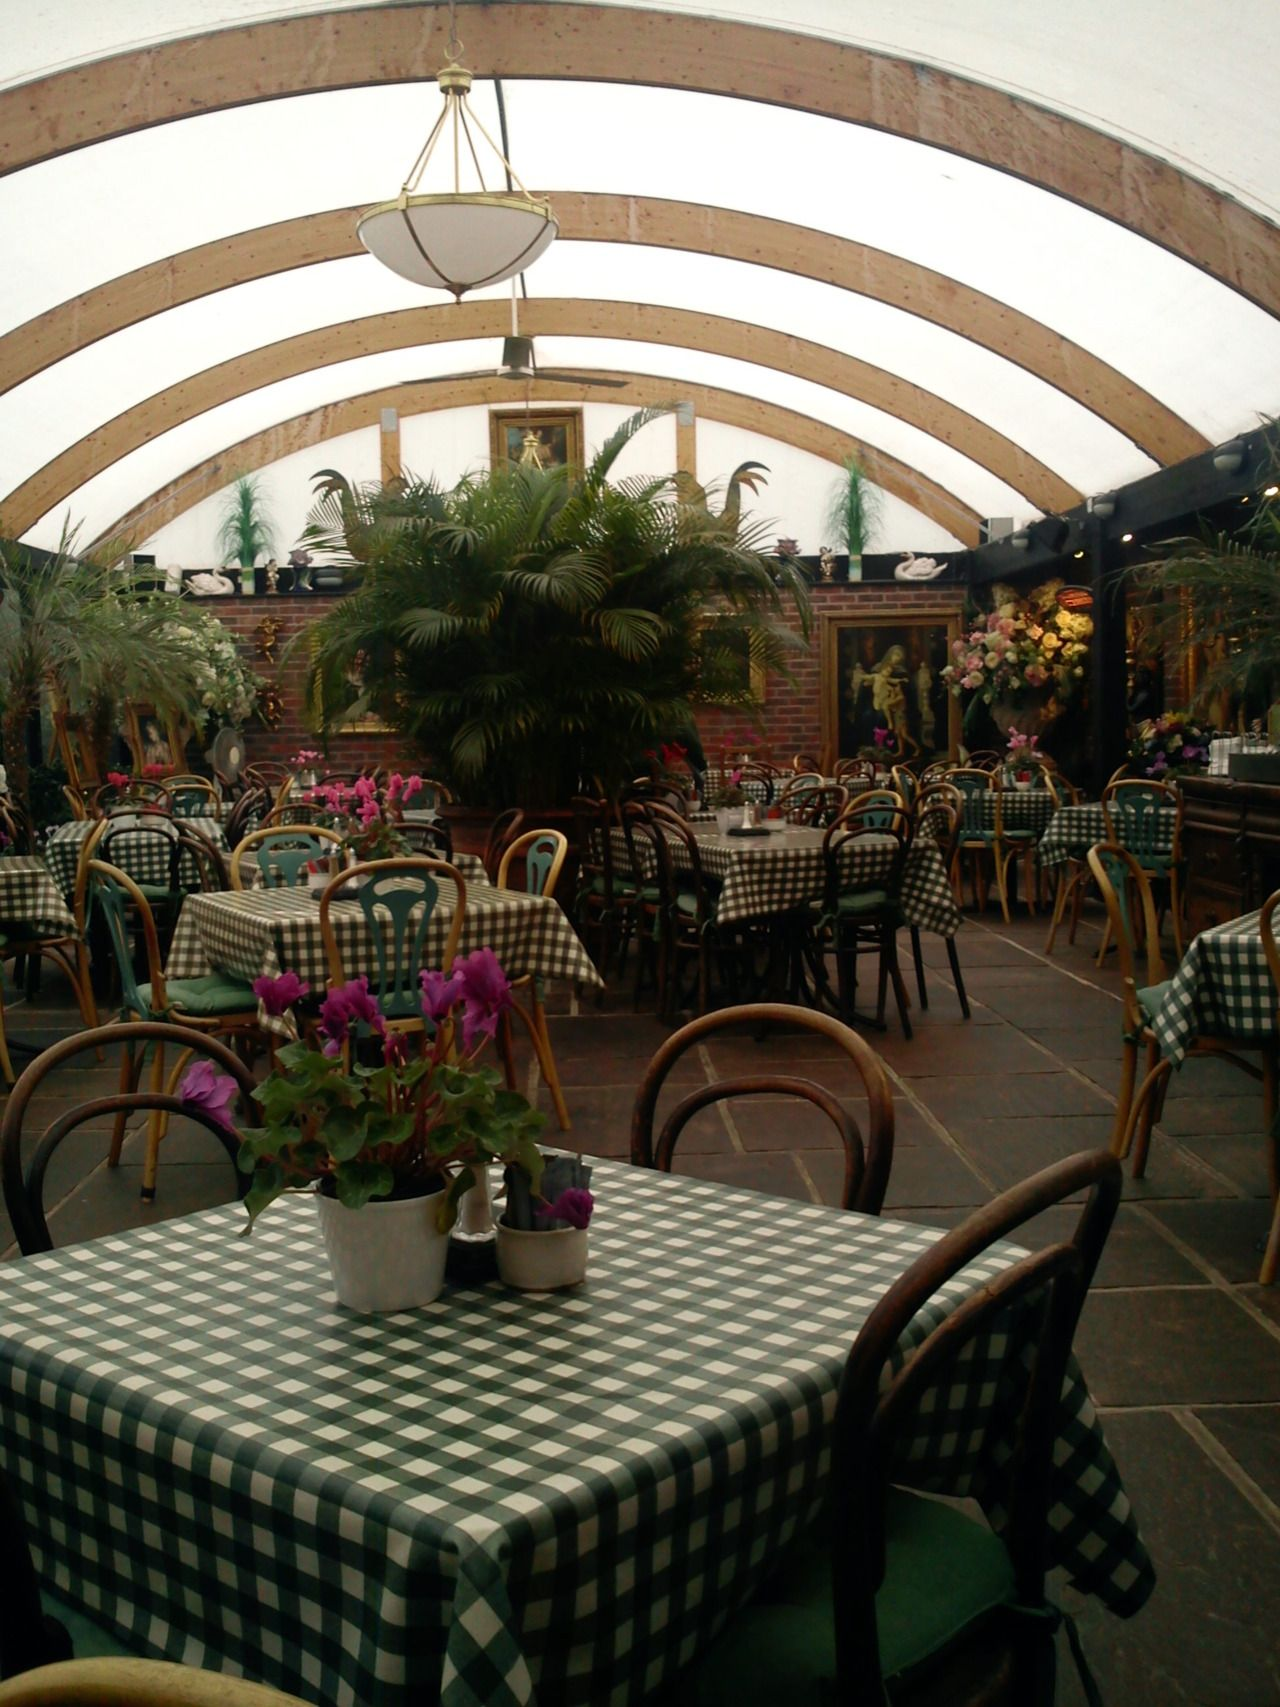 Denmans Garden Cafe, Fontwell, England | coffee bar shop business ...